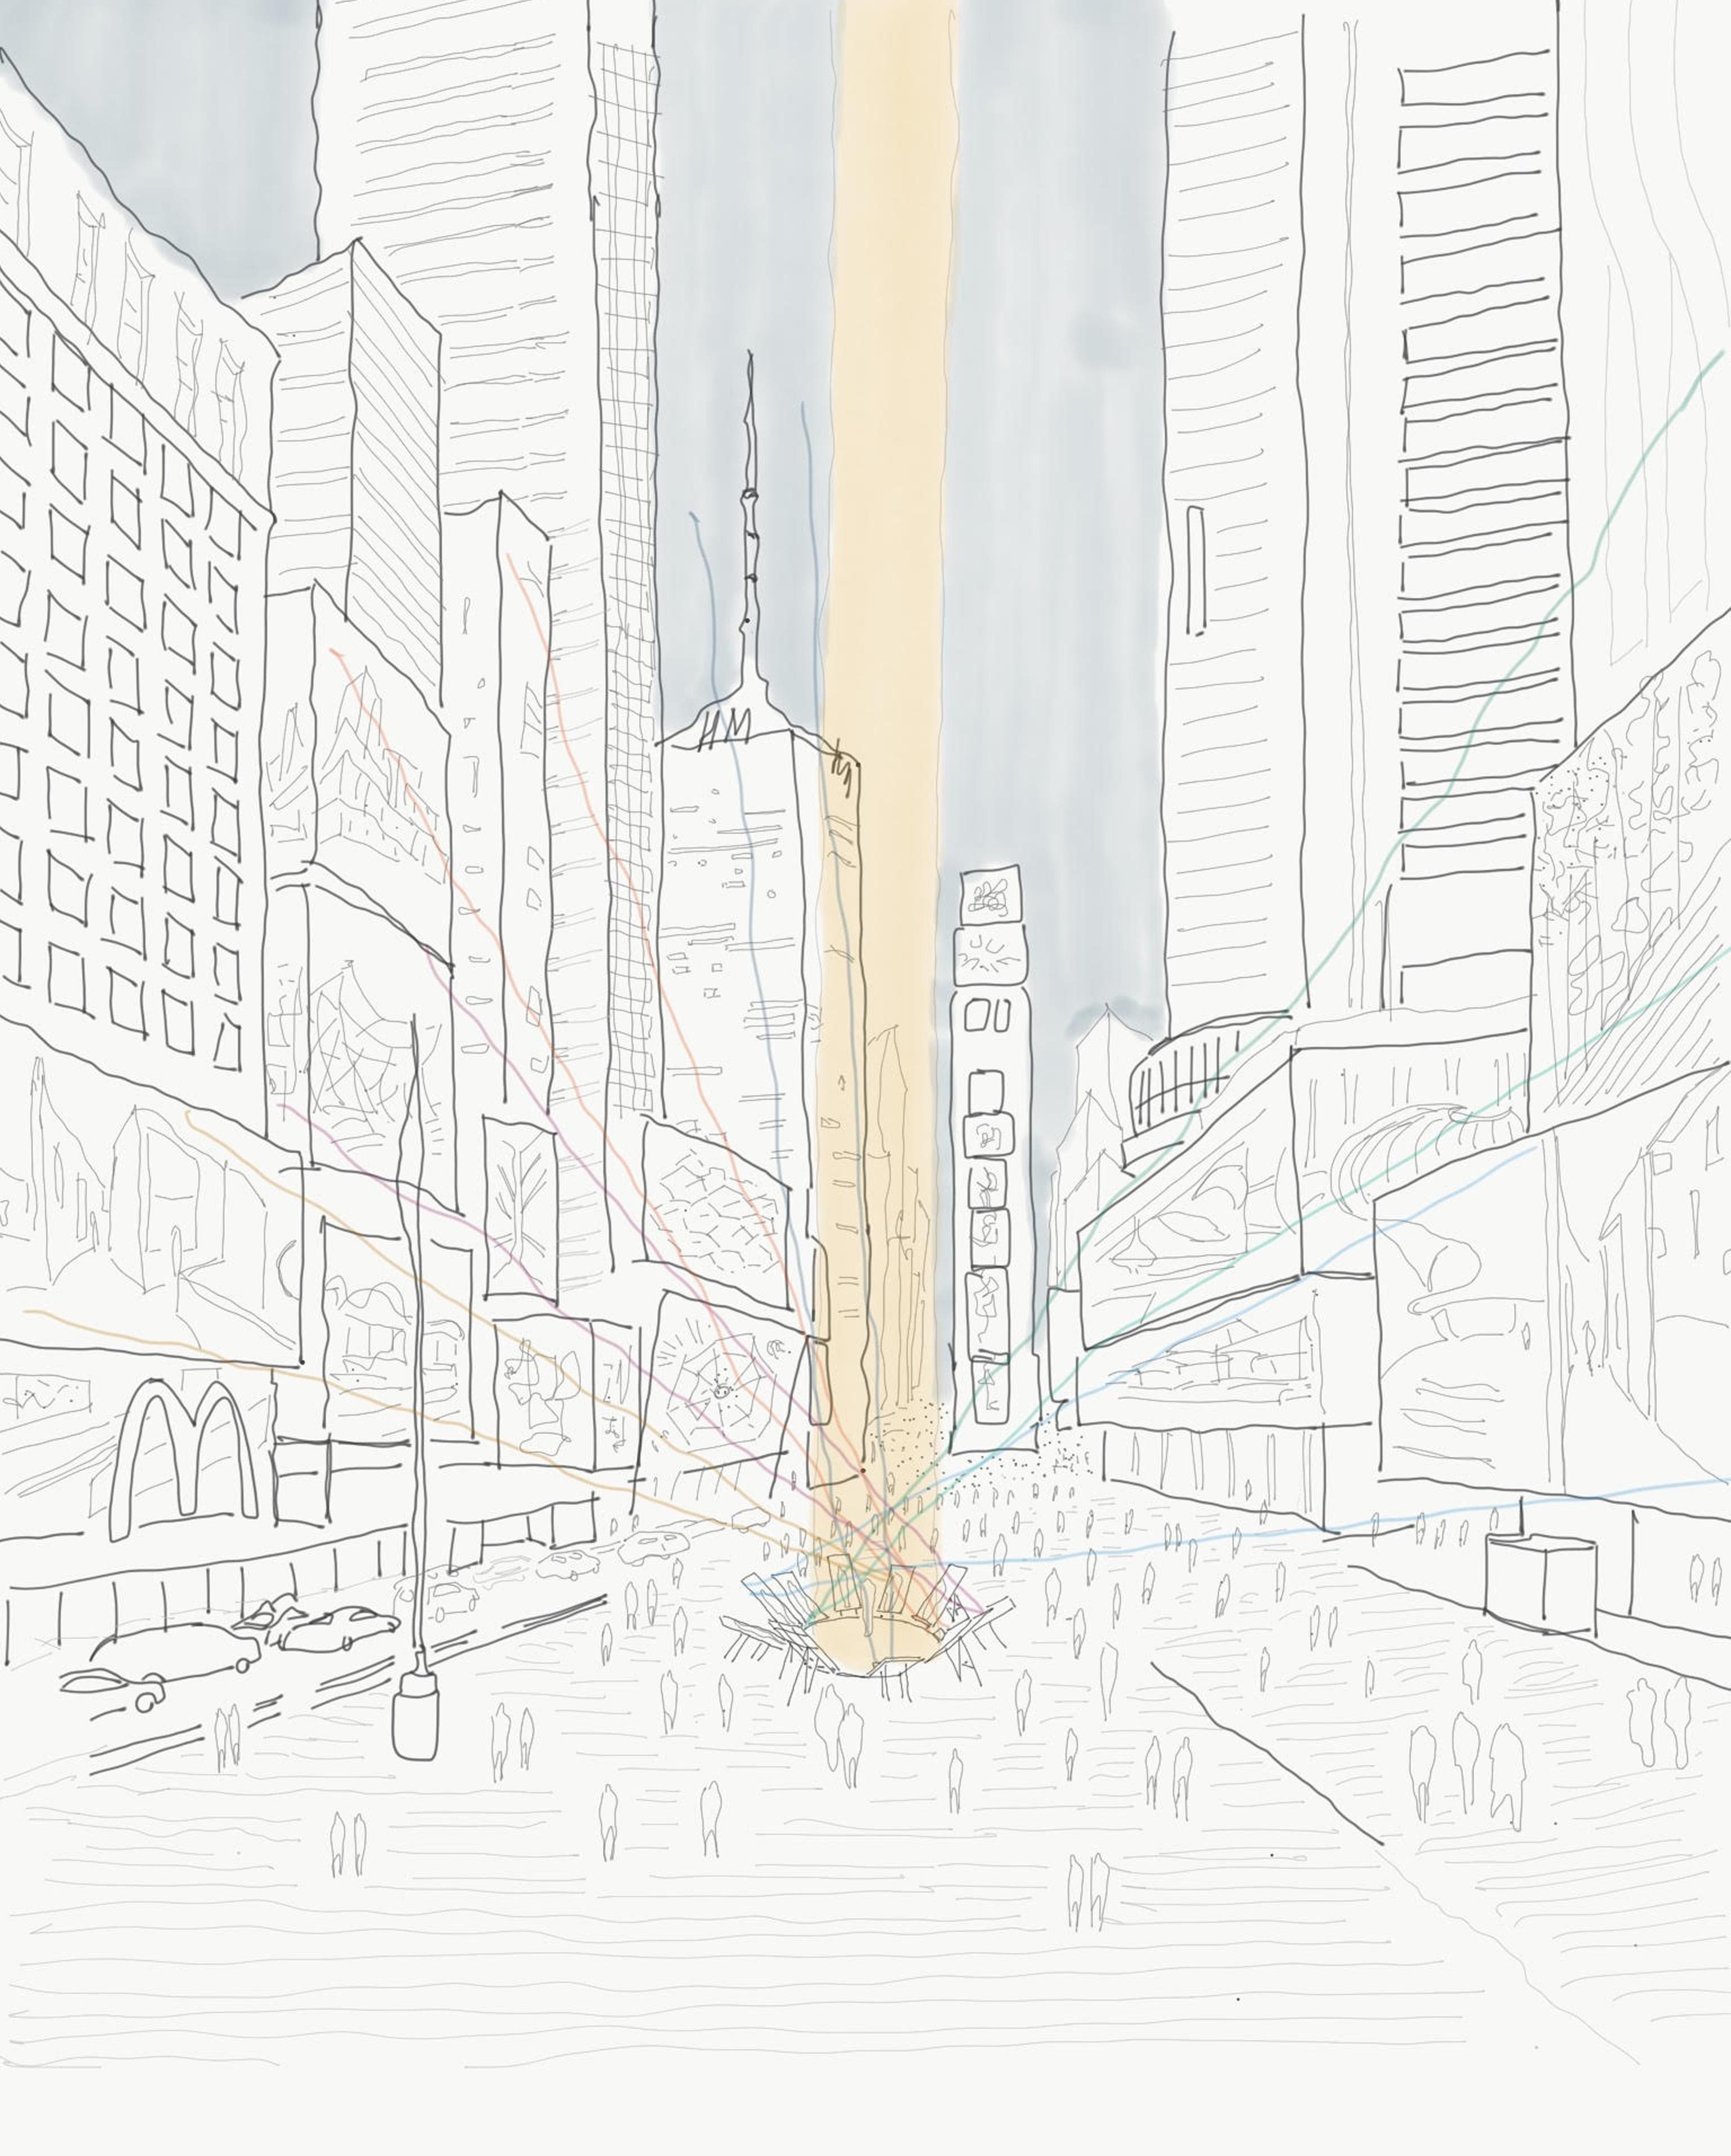 Parenthesis Times Square zU-studio architecture New York Sketch Javier Zubiria